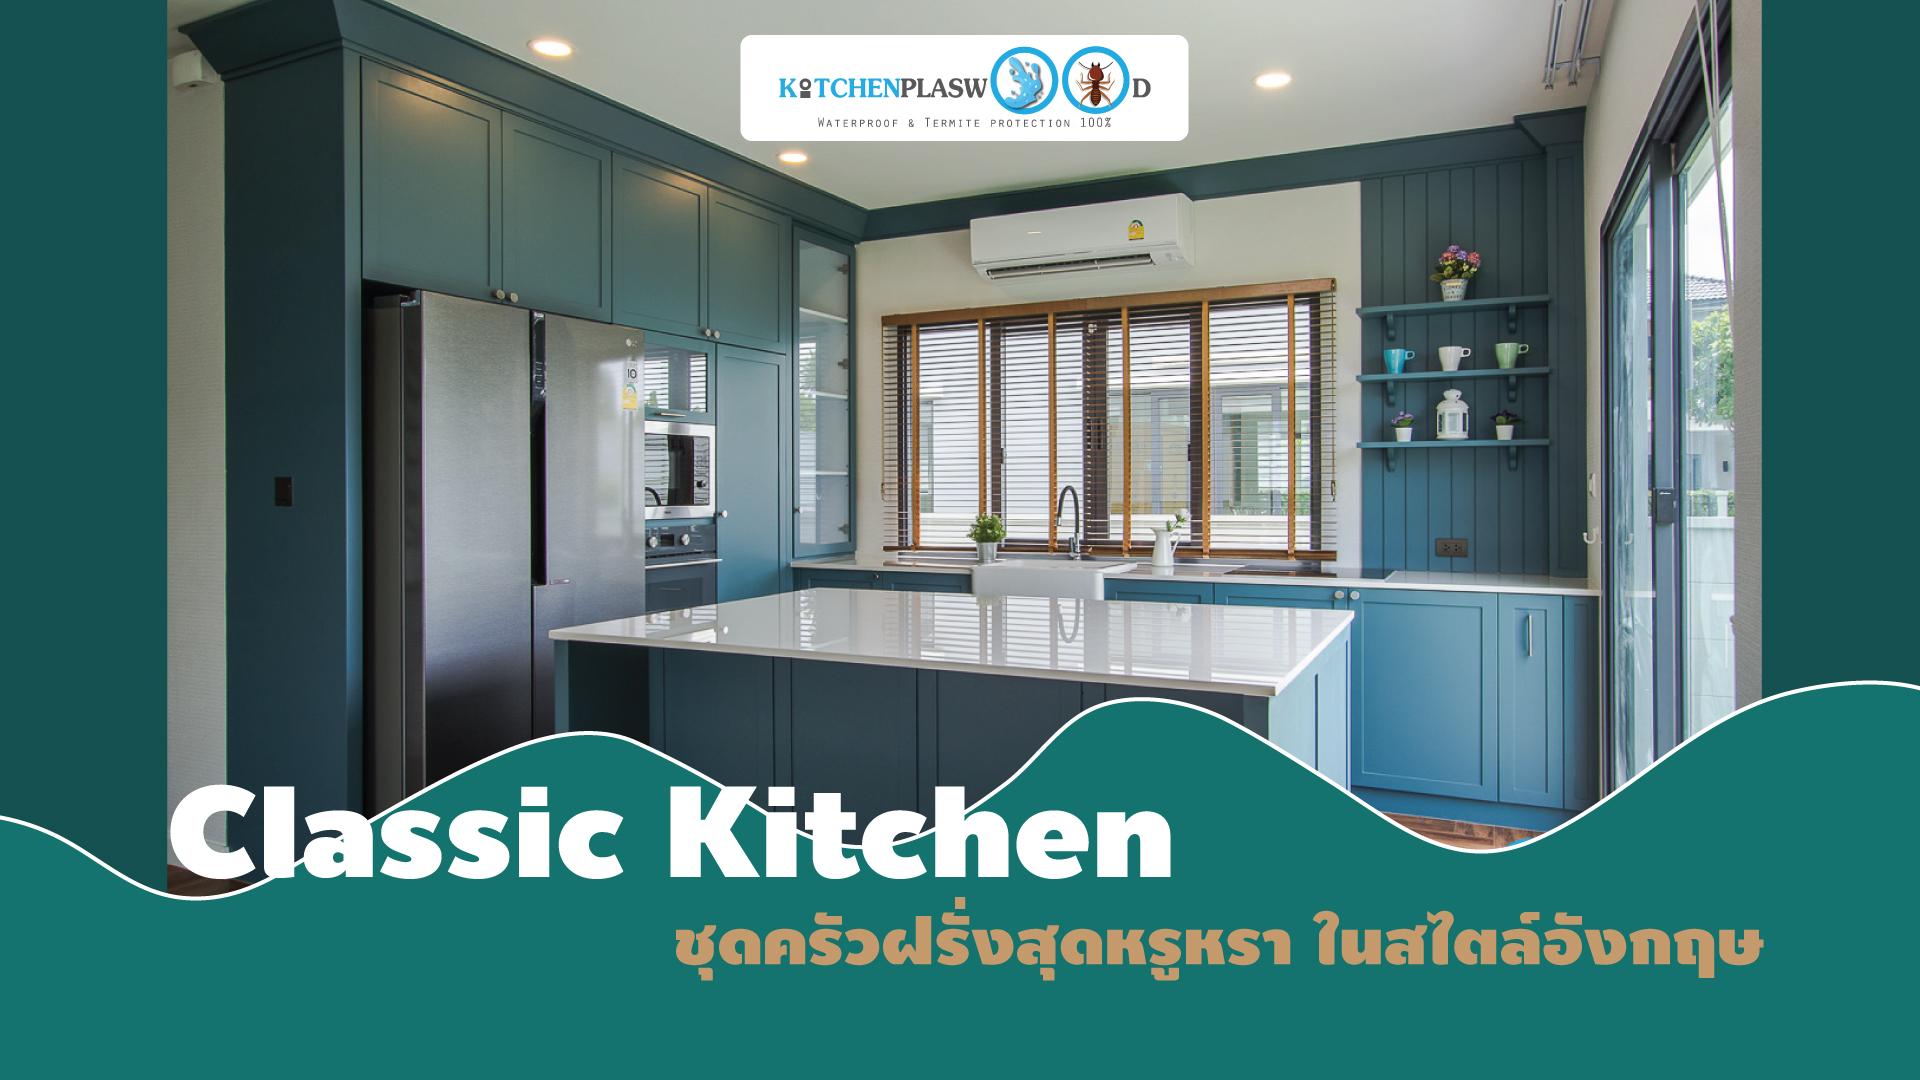 Classic Kitchen ชุดครัวฝรั่งหรูหรา ในสไตล์อังกฤษ,